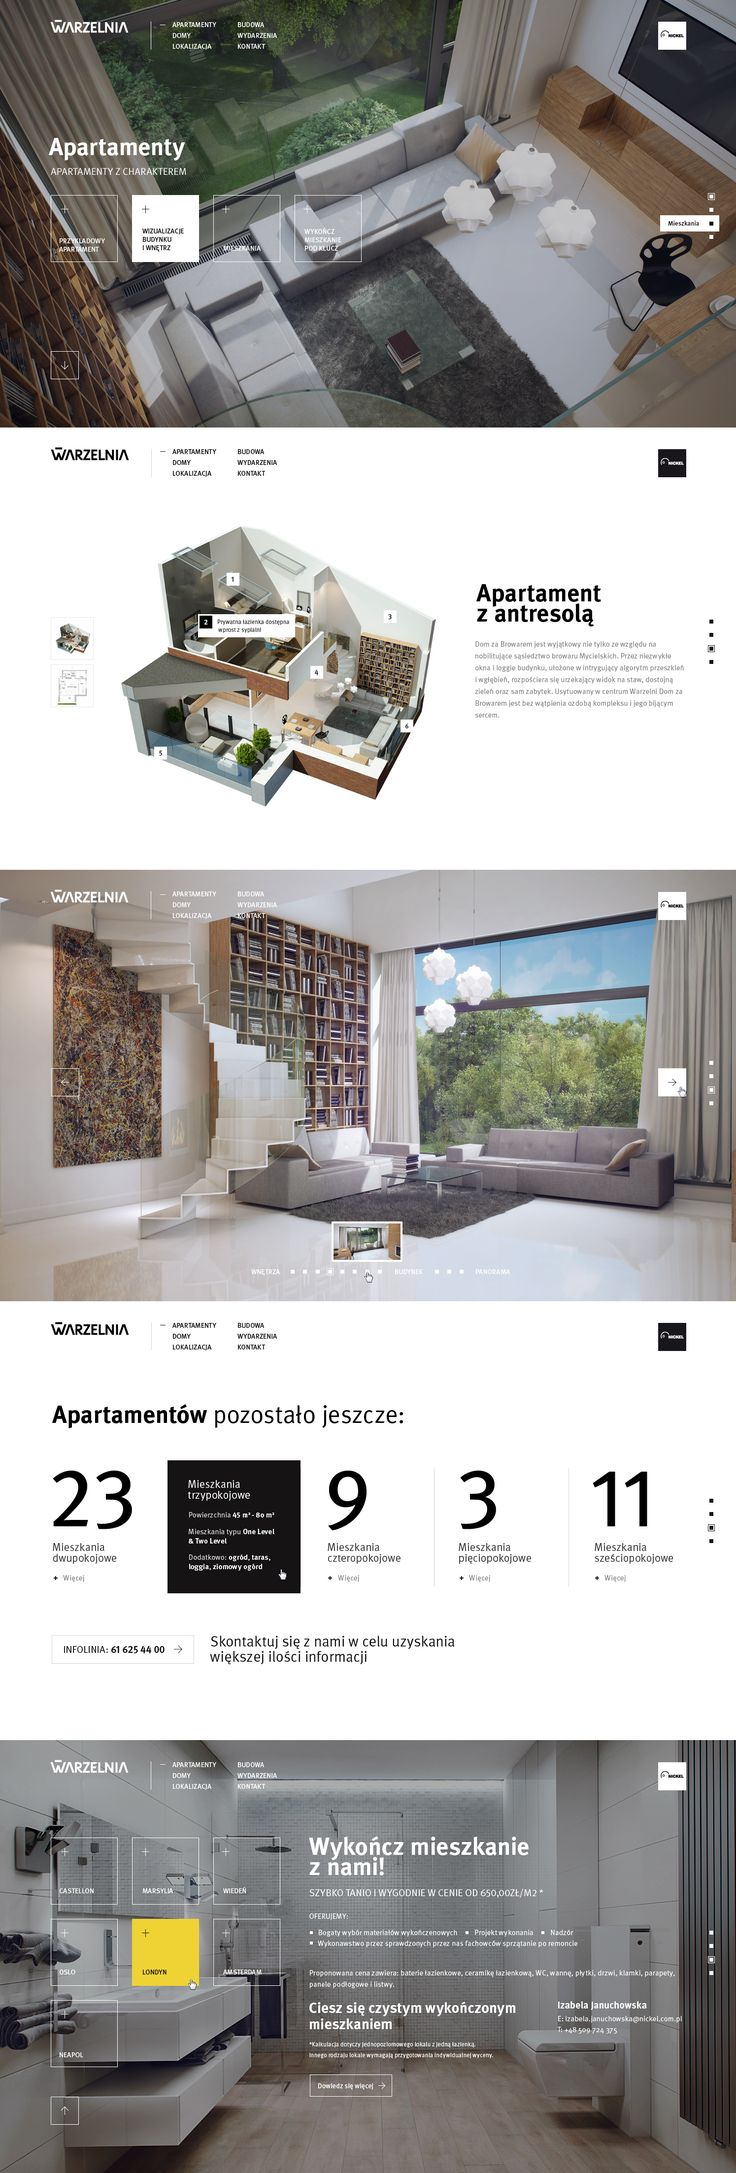 http://michaljakobsze.pl/works/new_warzelnia/zabrowarem.jpg